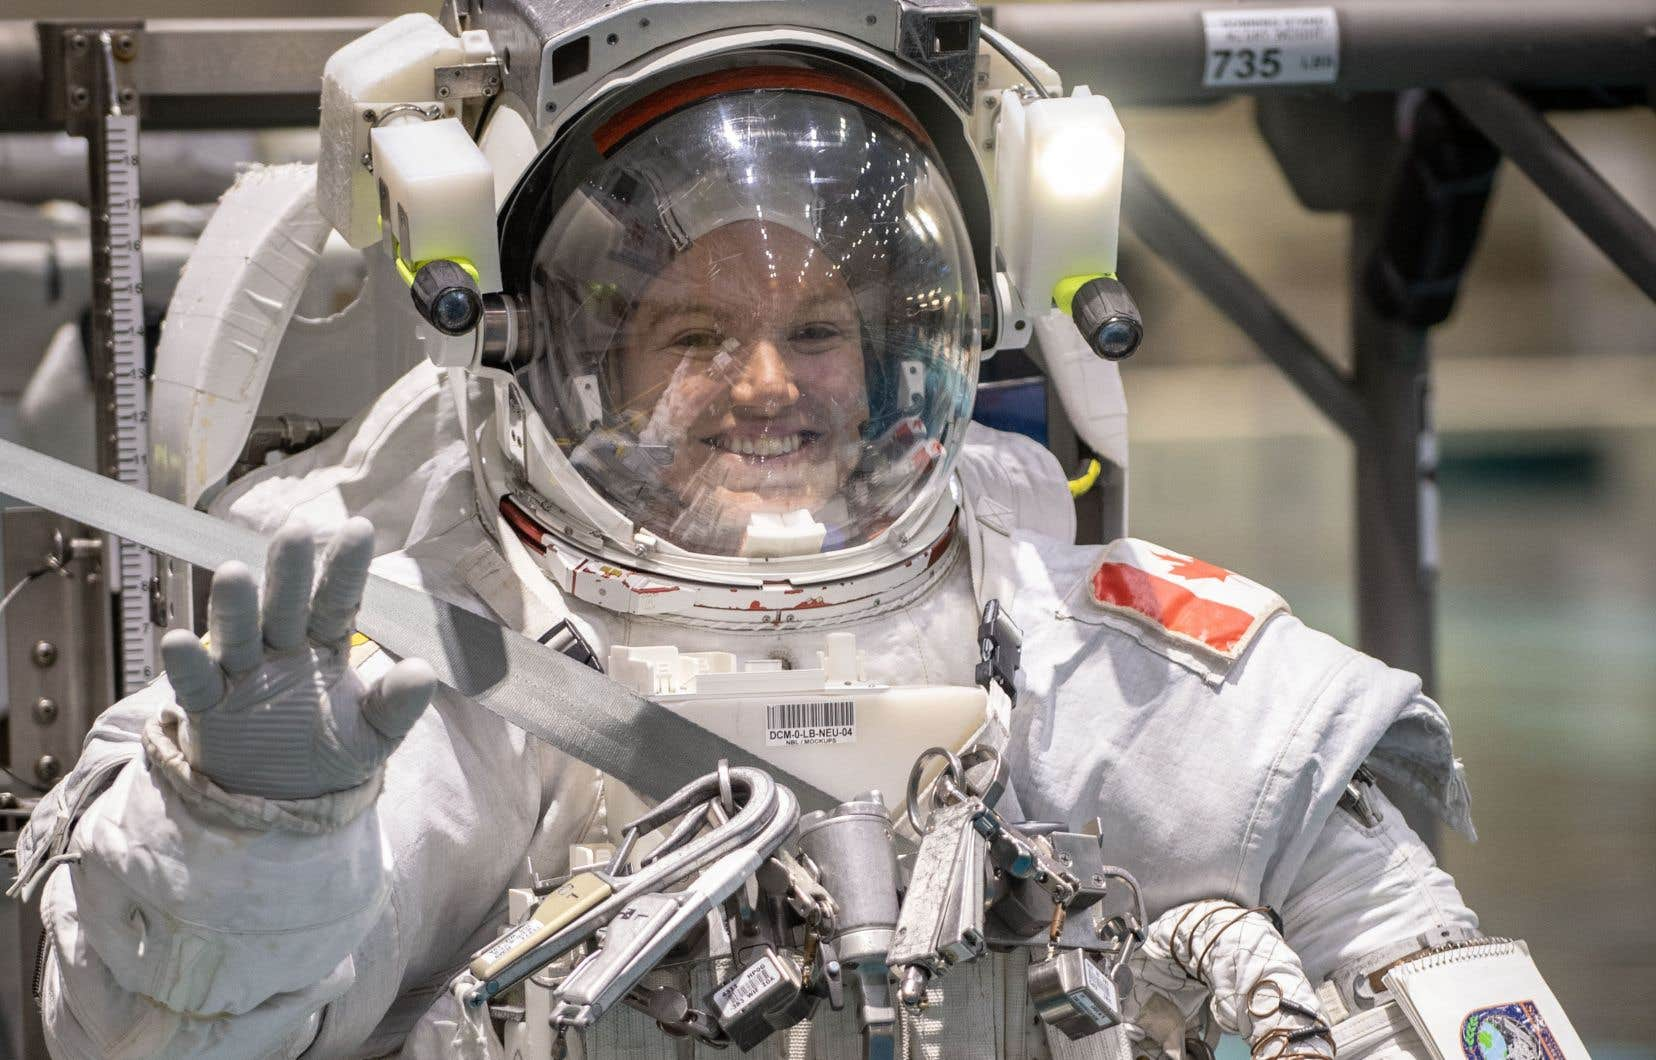 Jenni Sidey-Gibbons, ingénieure albertaine de 31 ans, a achevé avec succès le programme d'entraînement de la NASA, tout comme Joshua Kutryk, pilote militaire albertain de 37 ans.